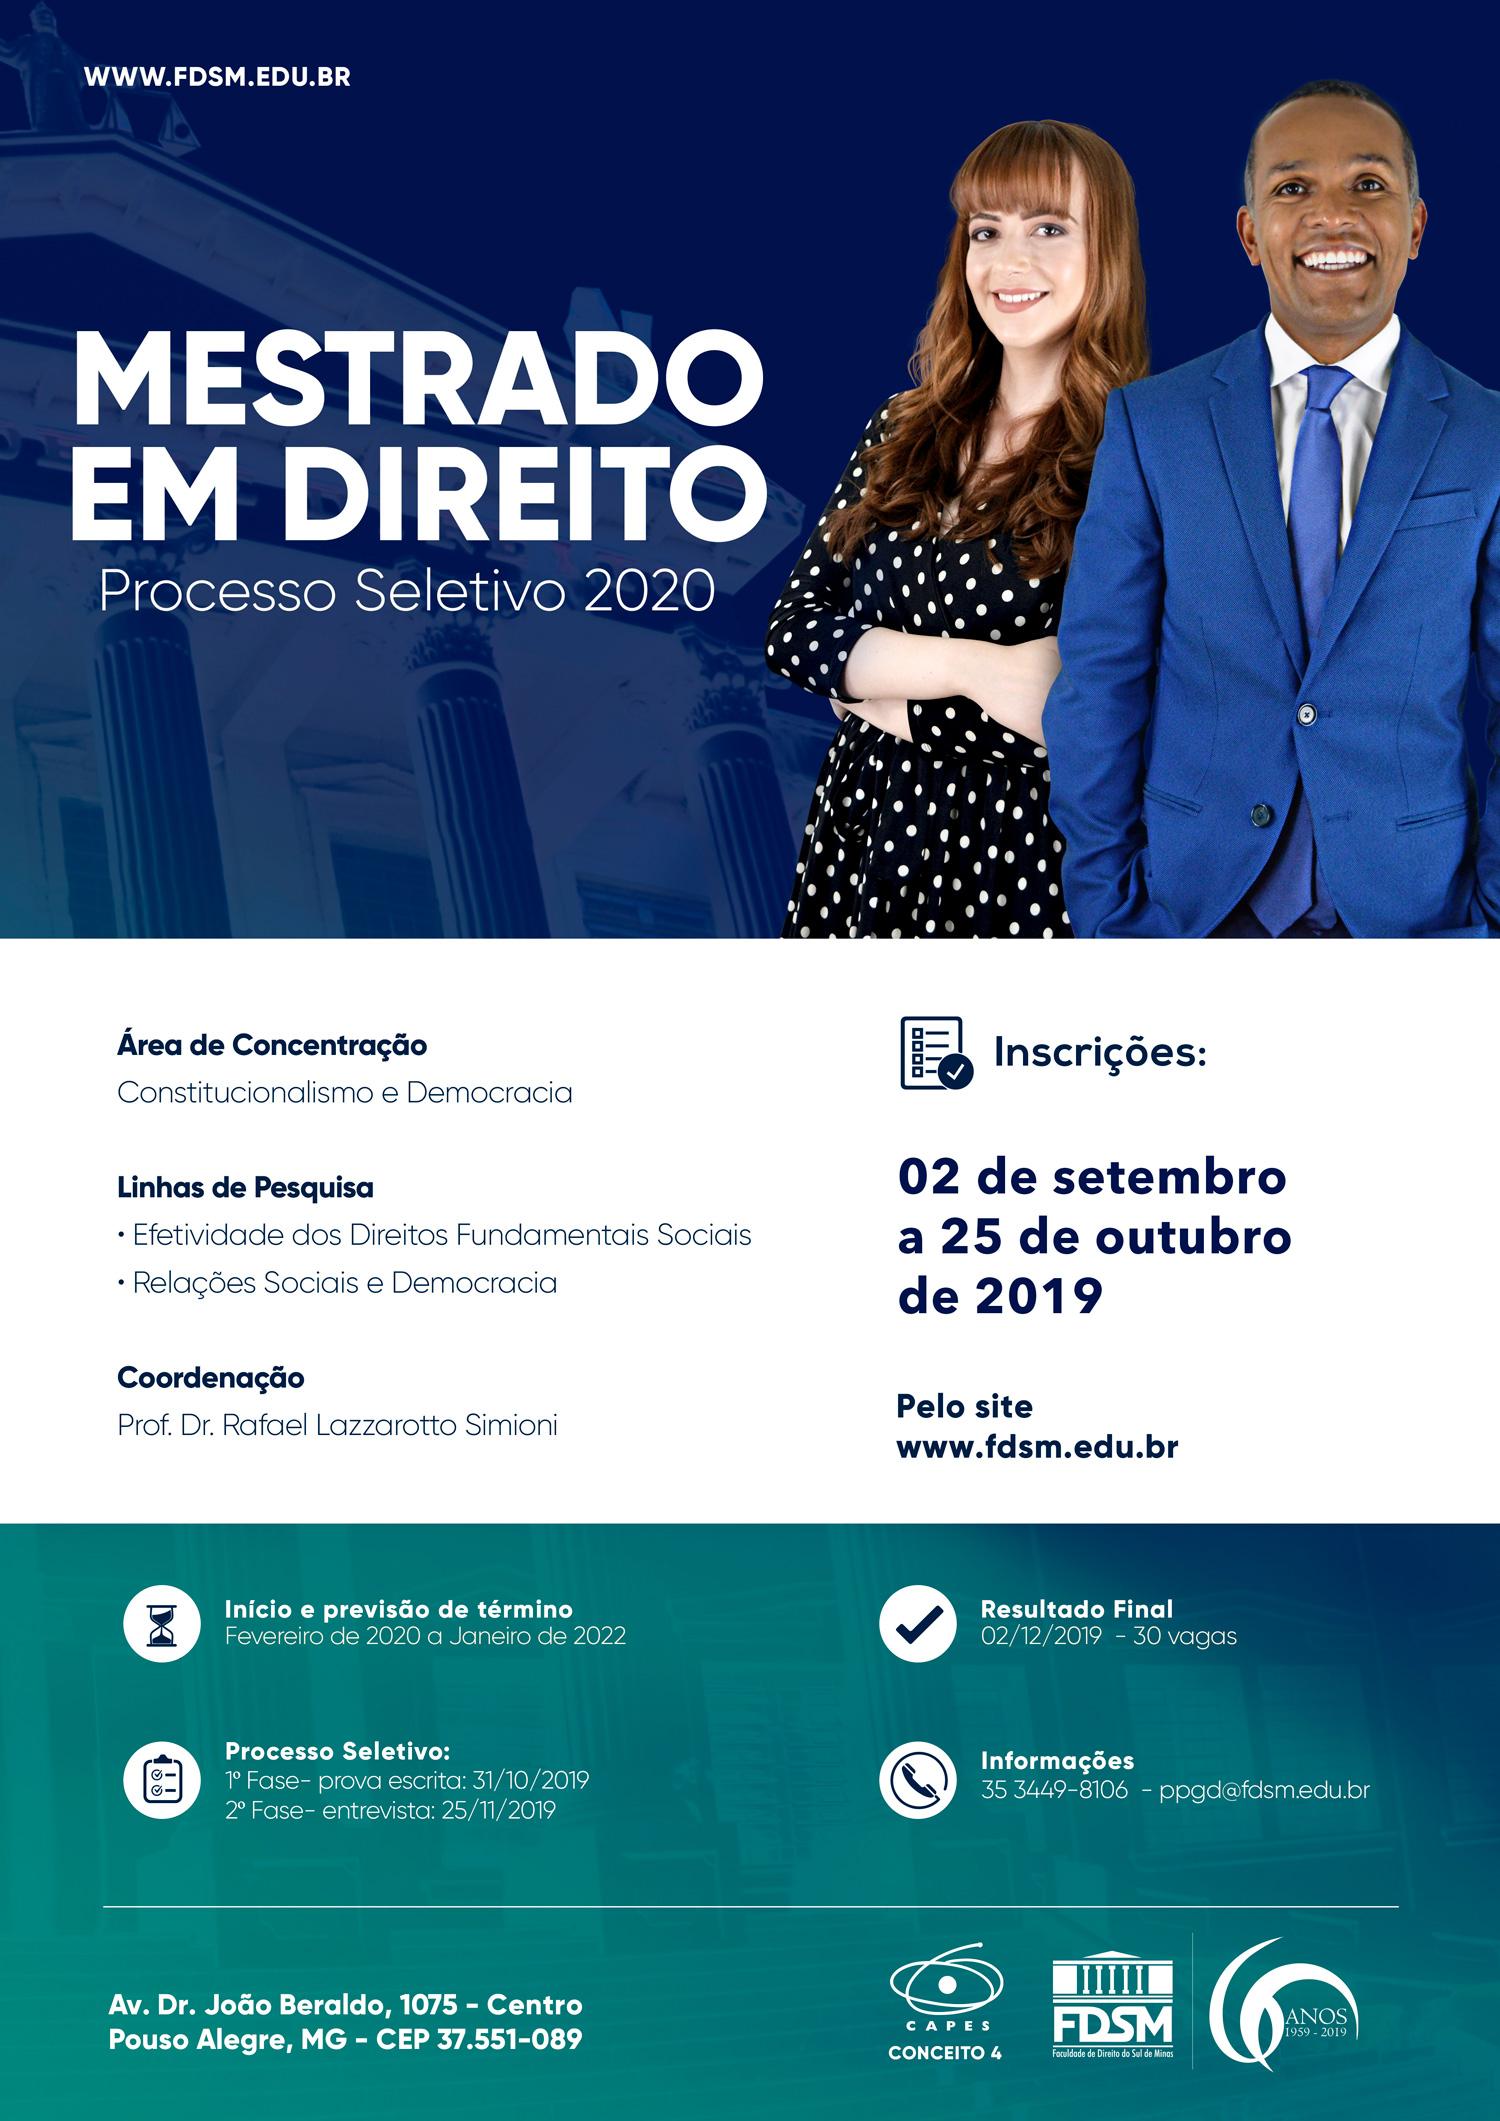 Comunicado 5823 - PROCESSO SELETIVO DO MESTRADO 2020